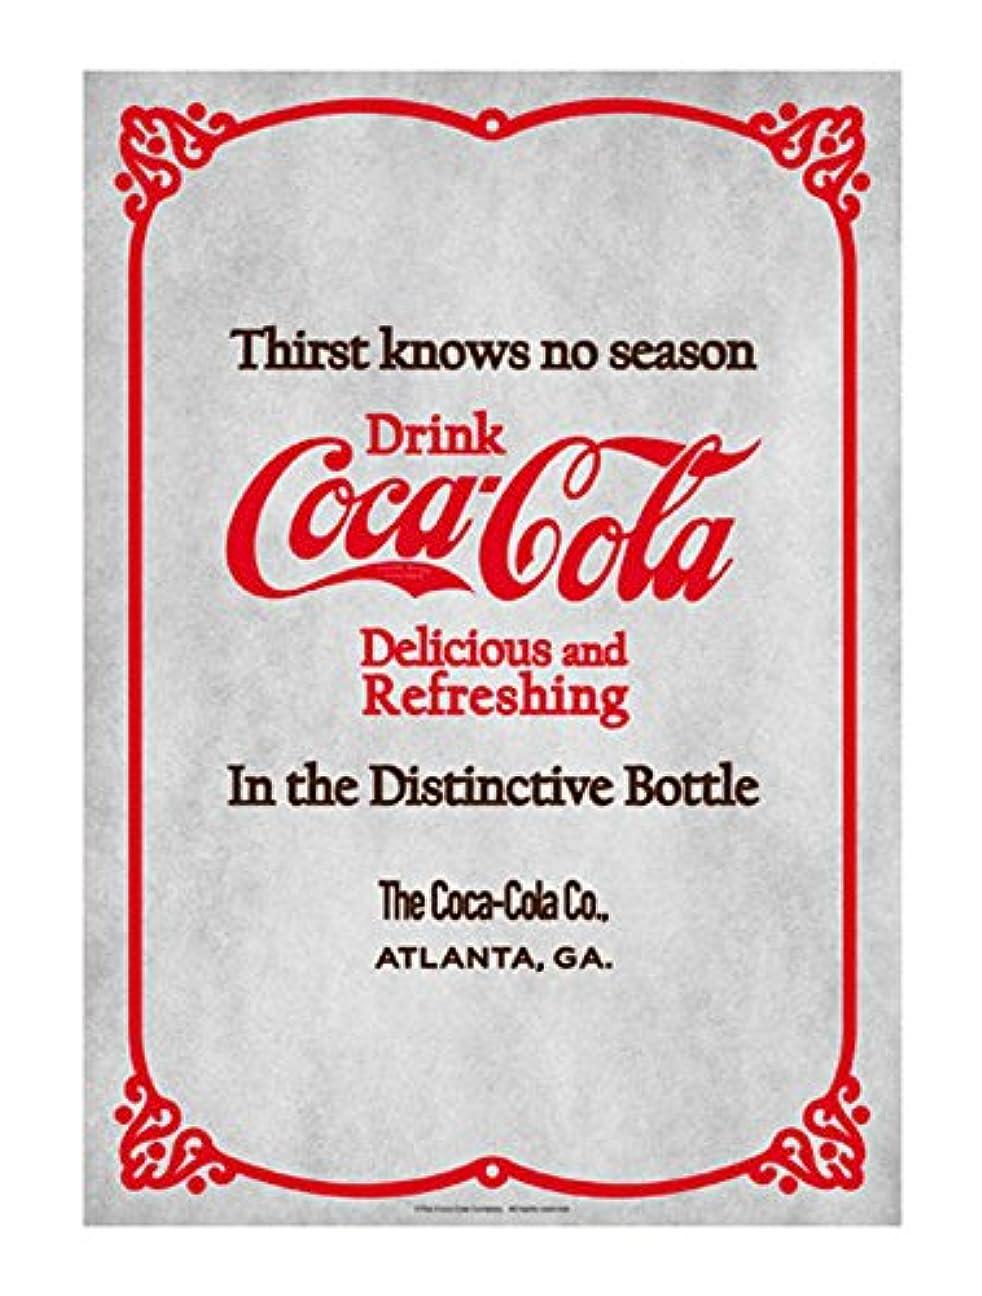 評論家おなかがすいたリースコカコーラ マルチ 72.8×51.5cm Coca-Cola ブランド ポスター B2